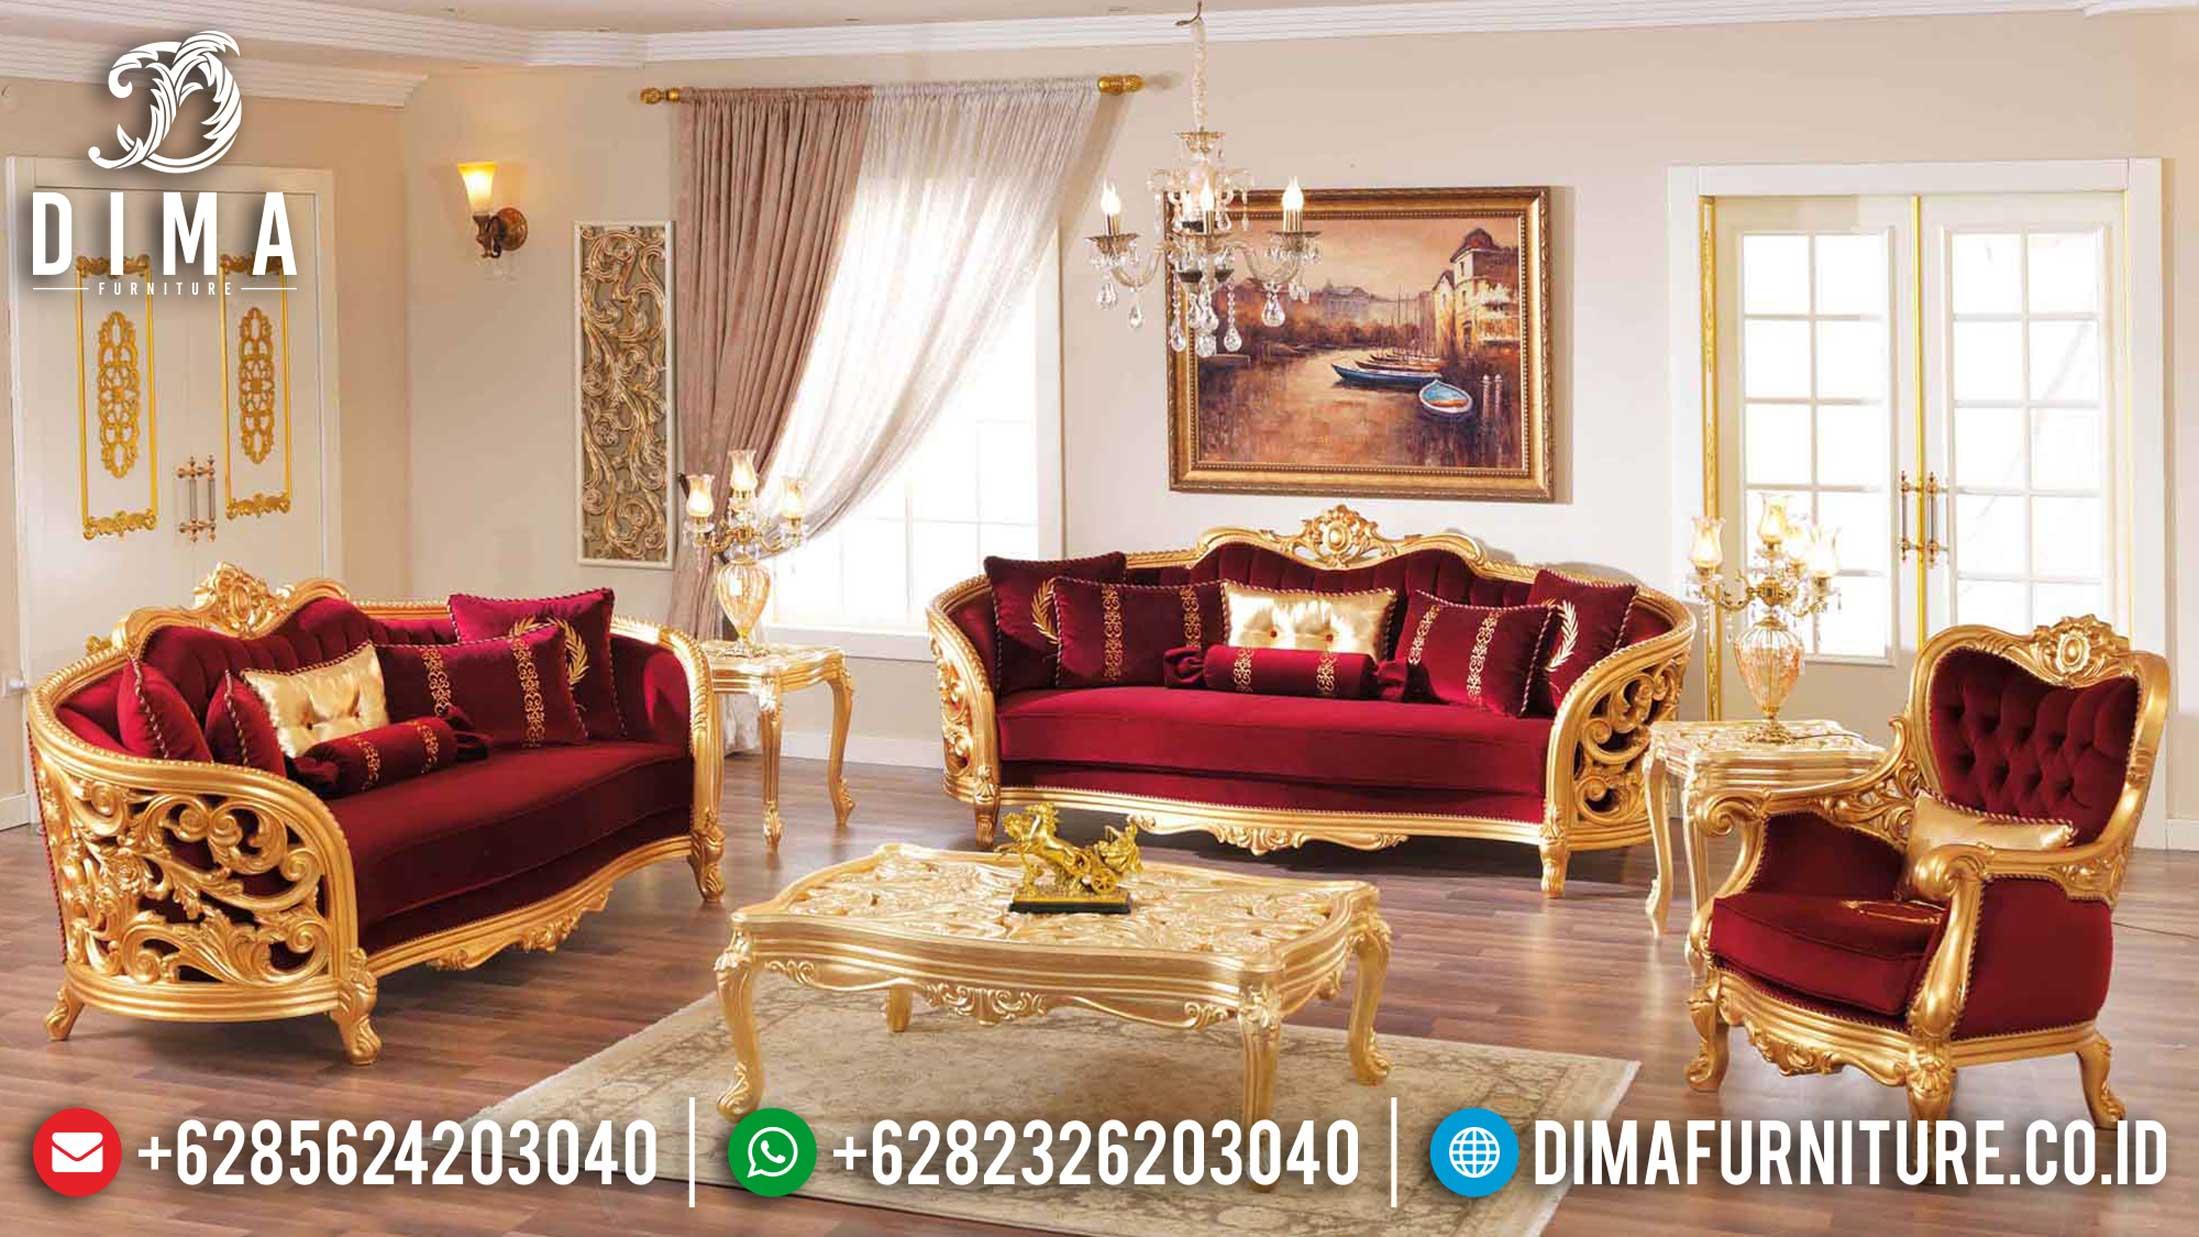 New Sofa Tamu Mewah Ukir Jepara Luxury Carving Golden Glossy Classic TTJ-1207